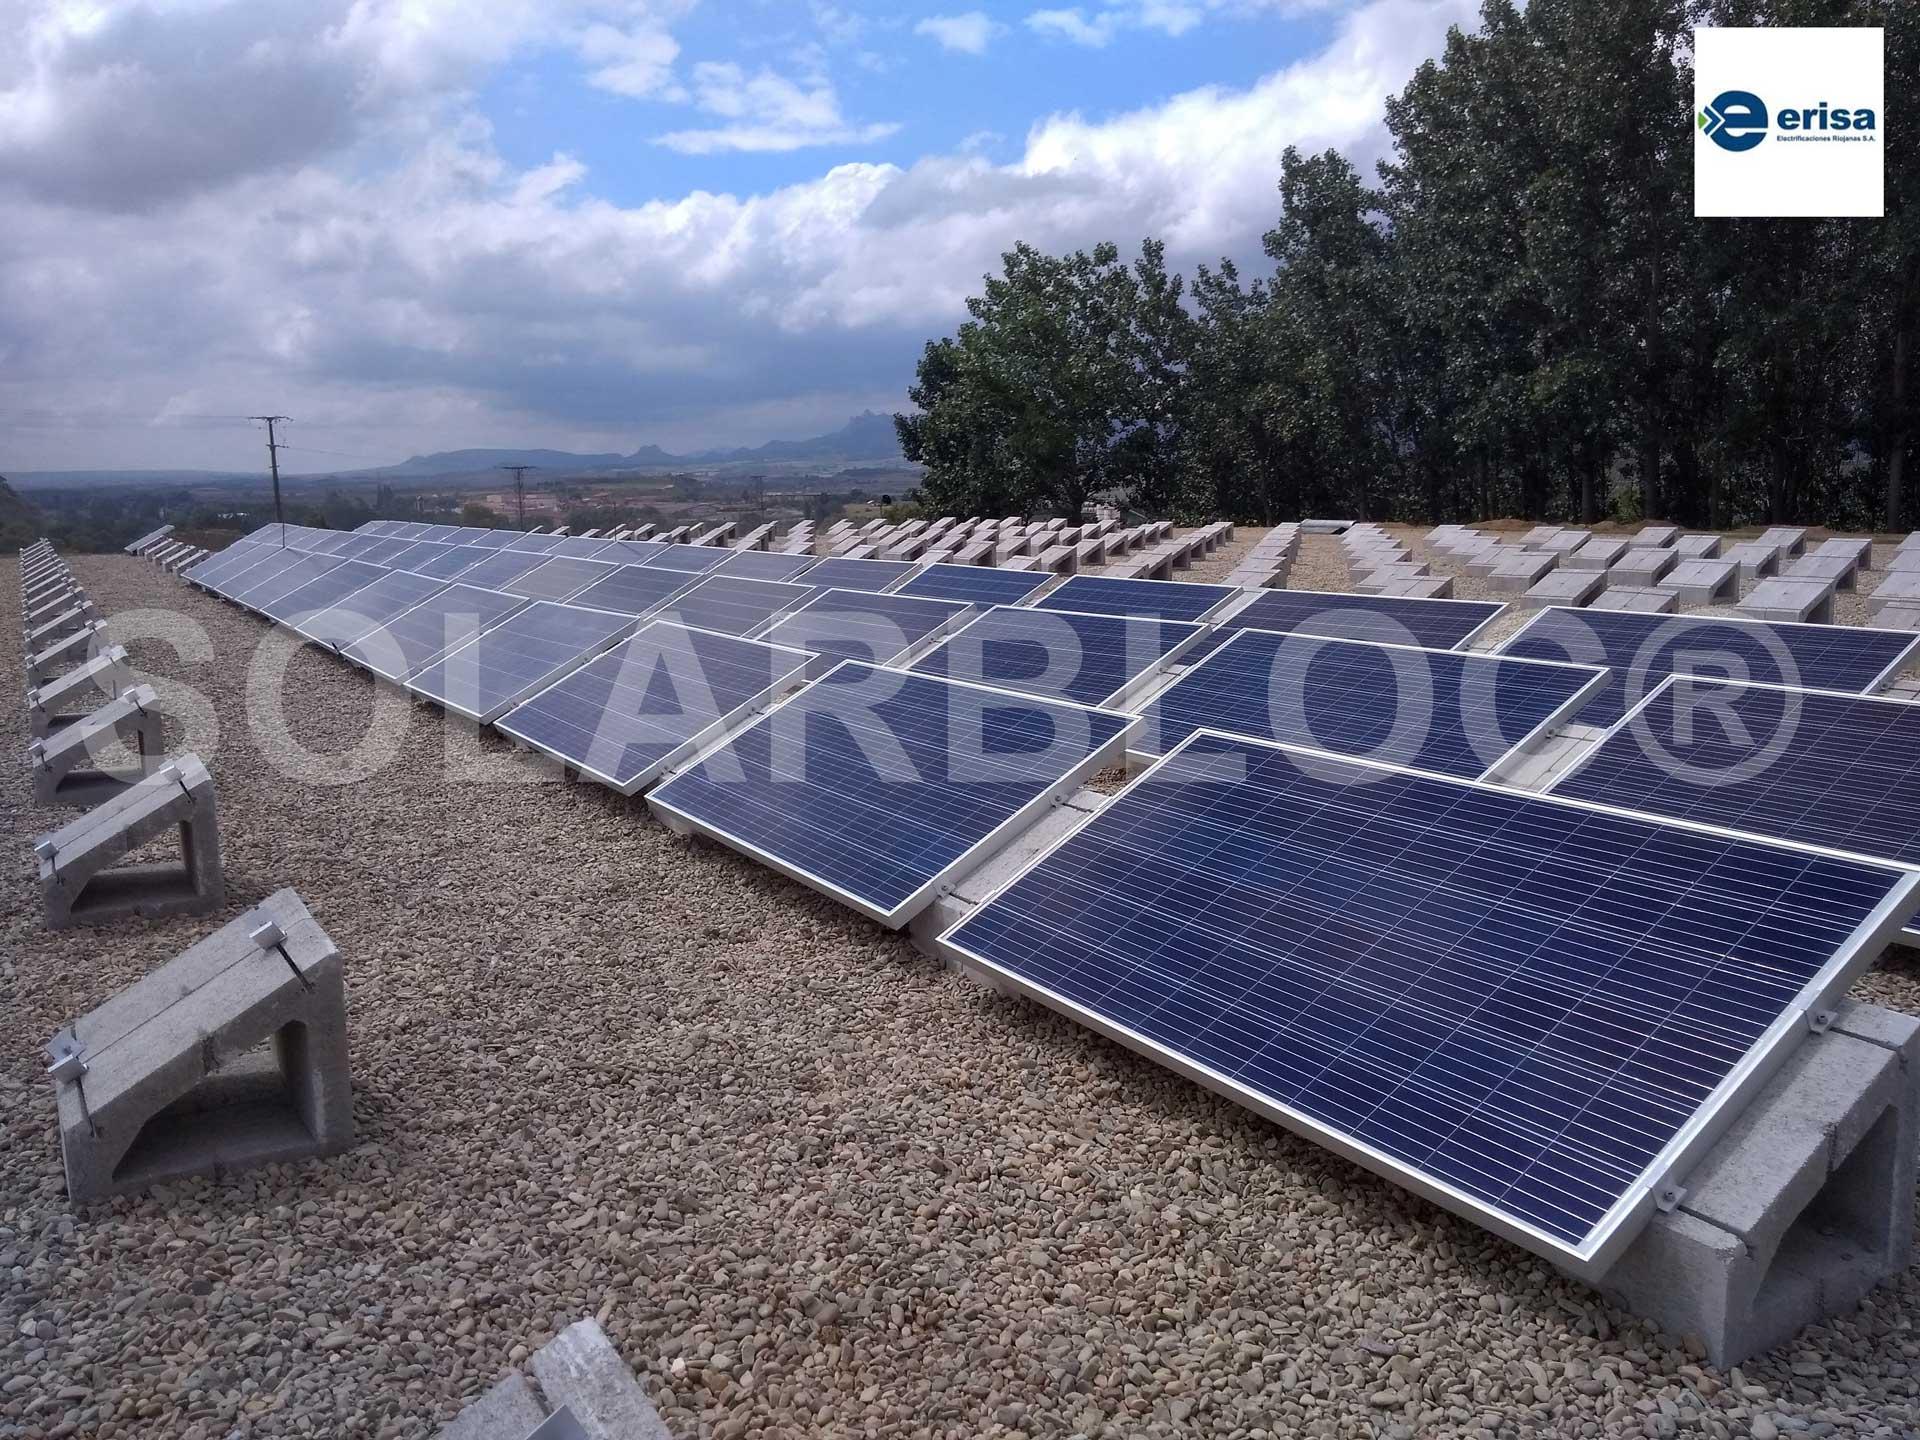 Soportes para placas solares grande ERISA SOLARBLOC